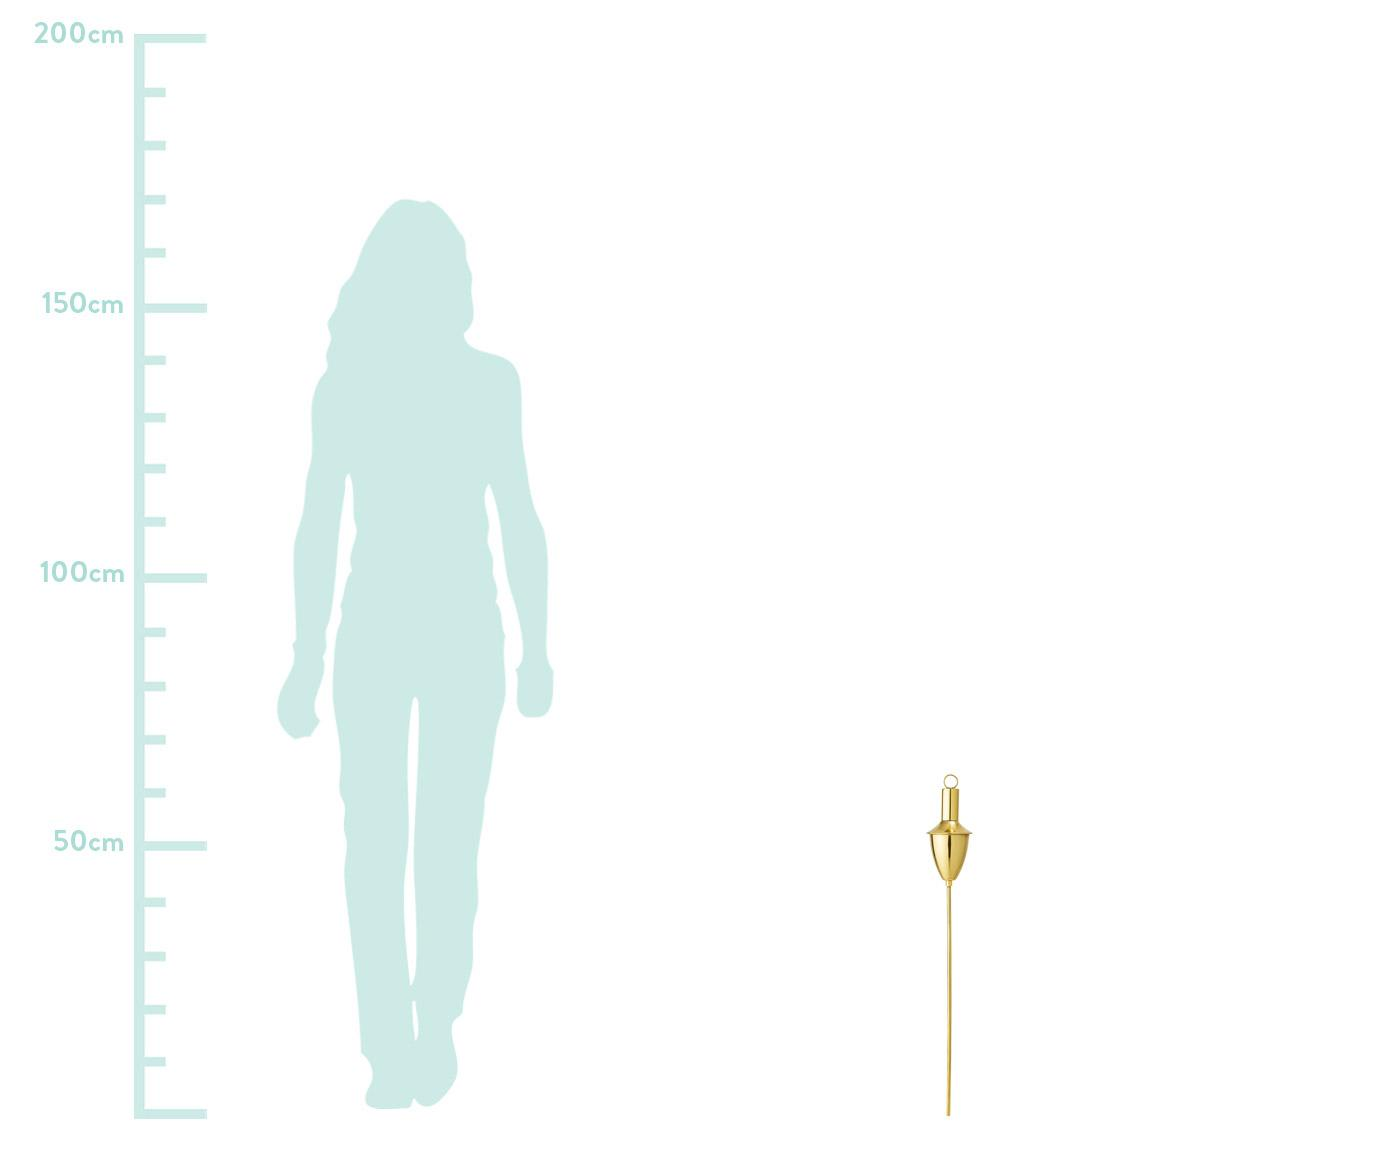 XS-tuinfakkel Shine, Vermessingt edelstaal, Messingkleurig, Ø 7 x H 63 cm